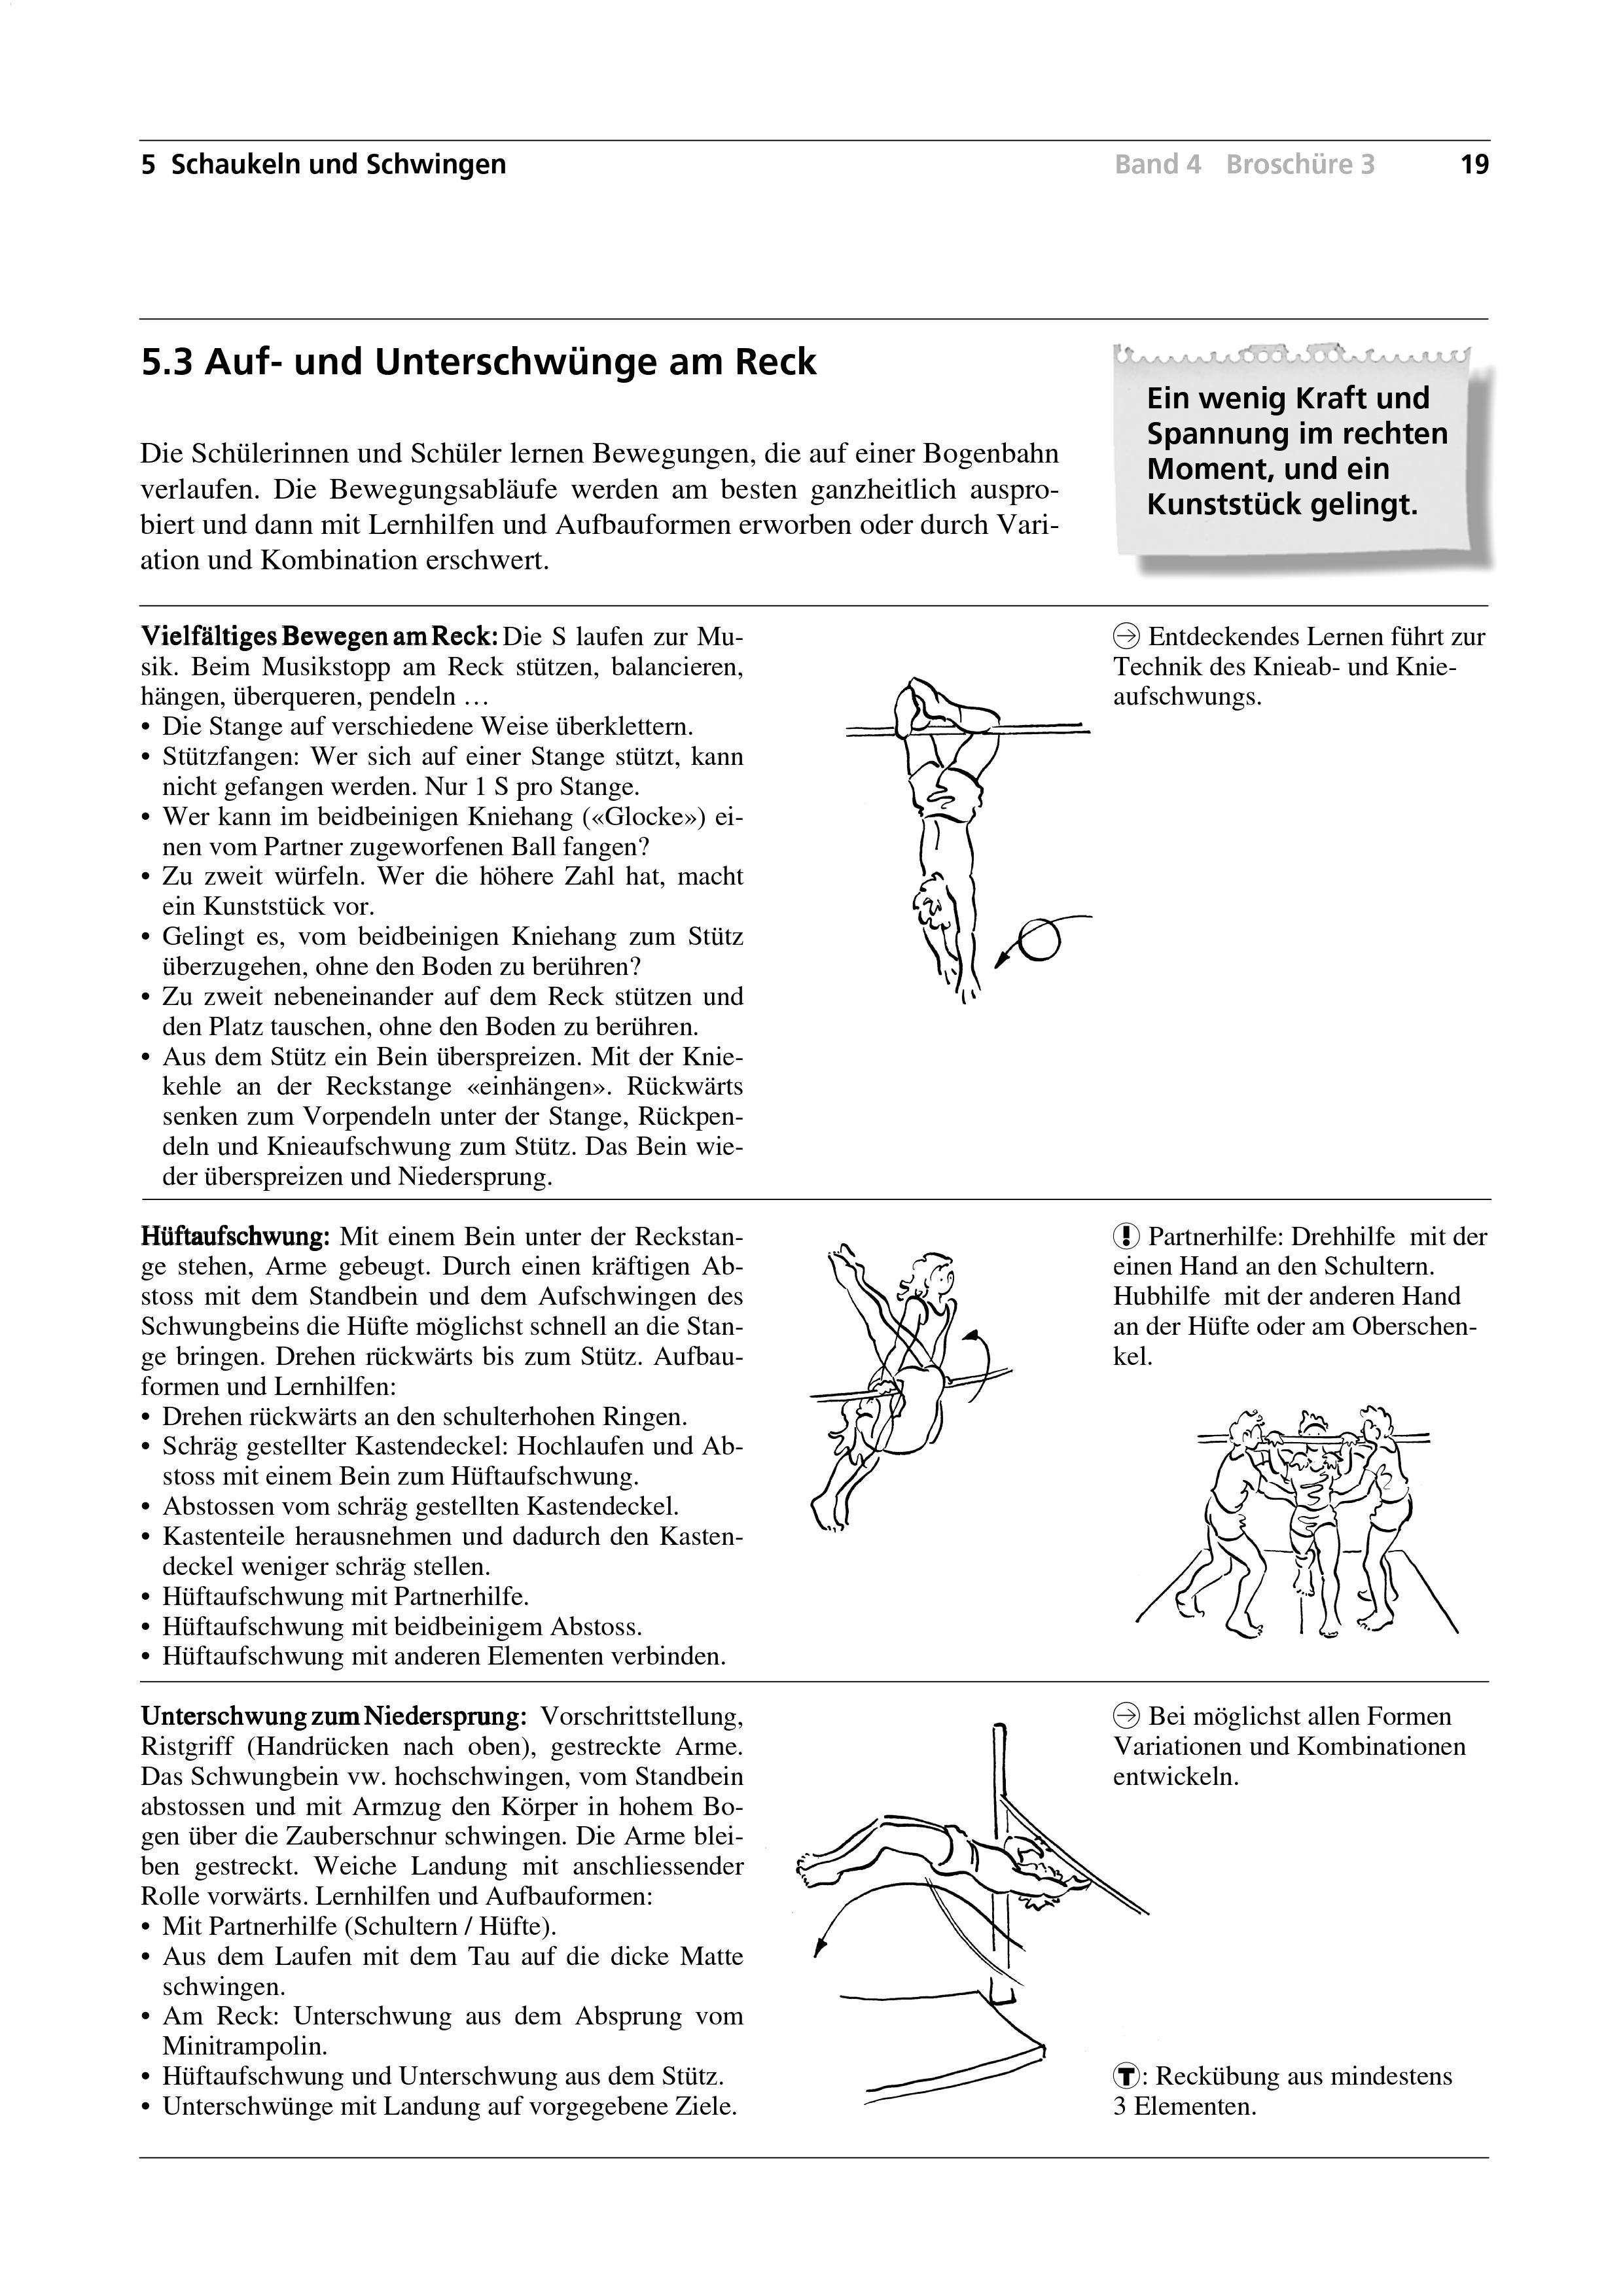 Preview image for LOM object Auf- und Unterschwünge am Reck